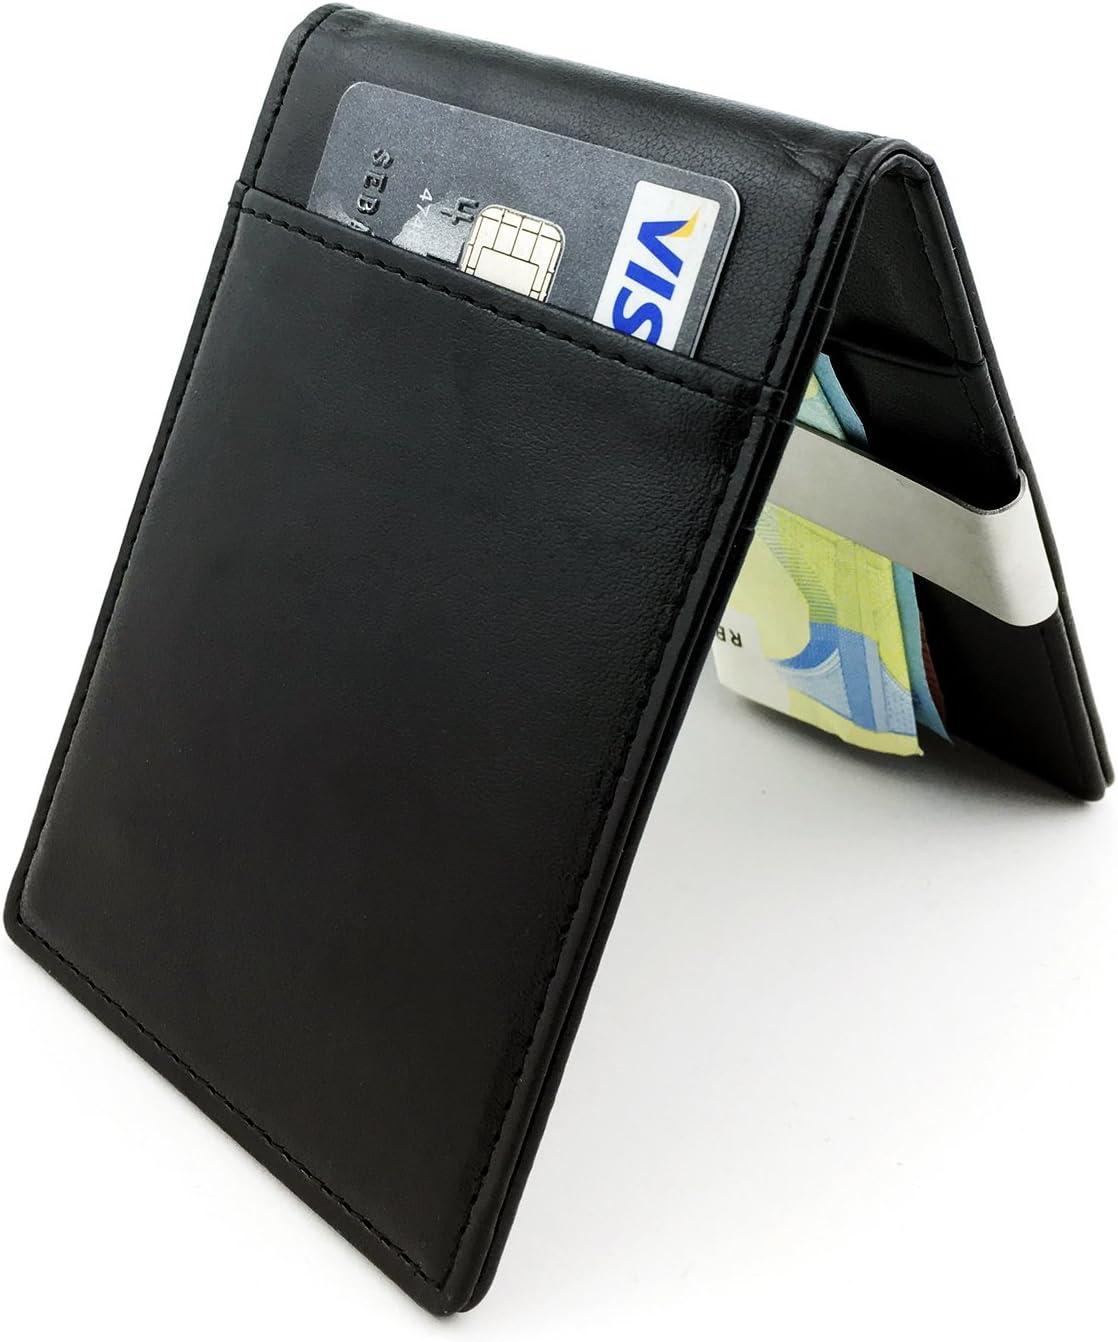 Pince Clip Billets TRAVANDO /® Portefeuille Petit Protection RFID pour jusqu/'/à 12 Cartes de Cr/édit Porte-Monnaie Noir Portefeuille Mince avec Blocage Piratage Bancaire Porte-Carte Etui Hommes